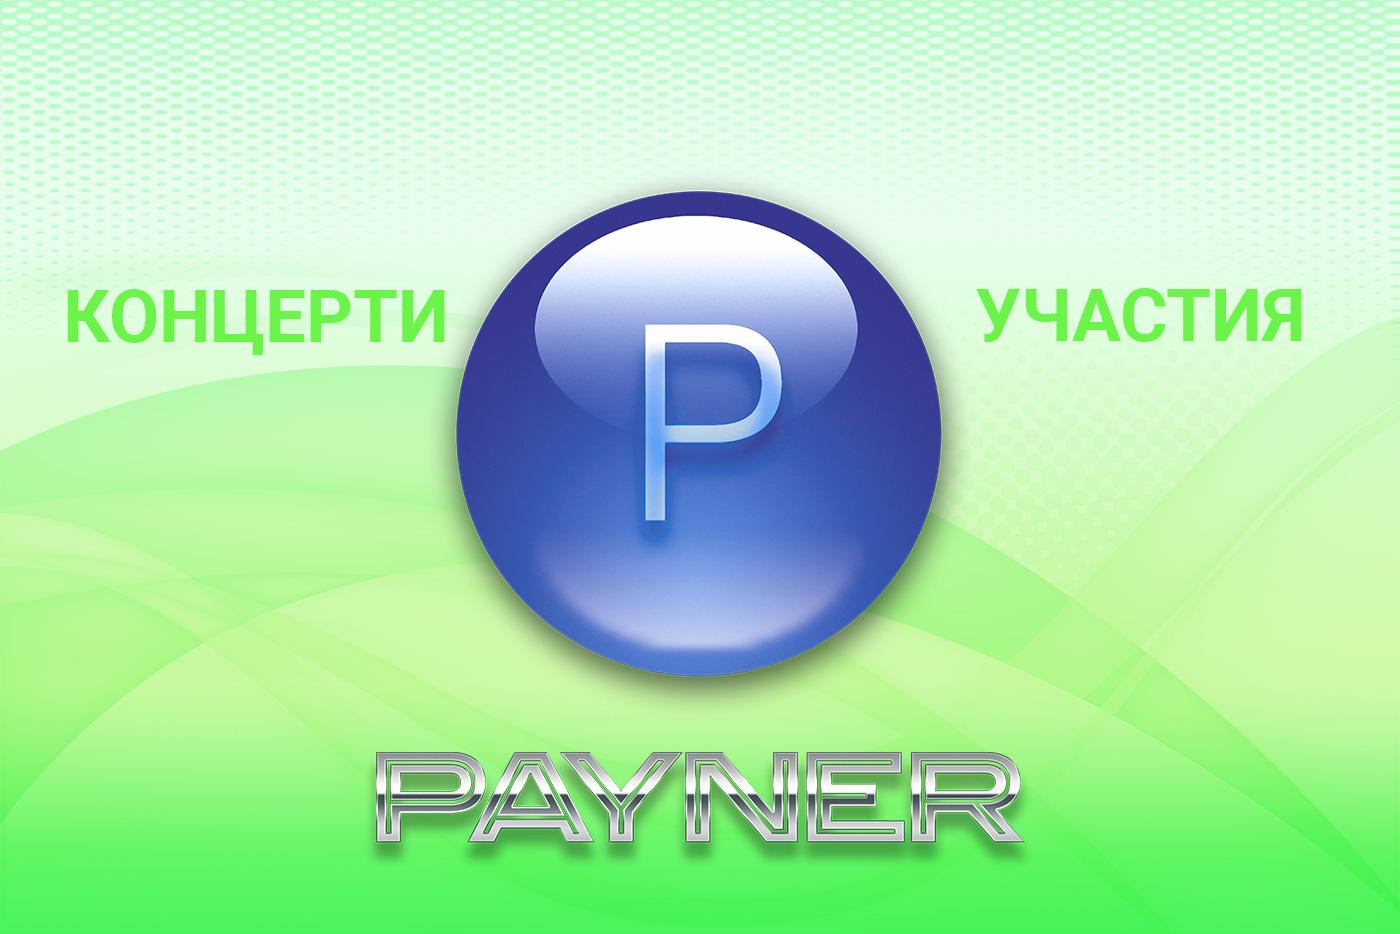 """Участия на звездите на """"Пайнер"""" на 07.02.2019"""